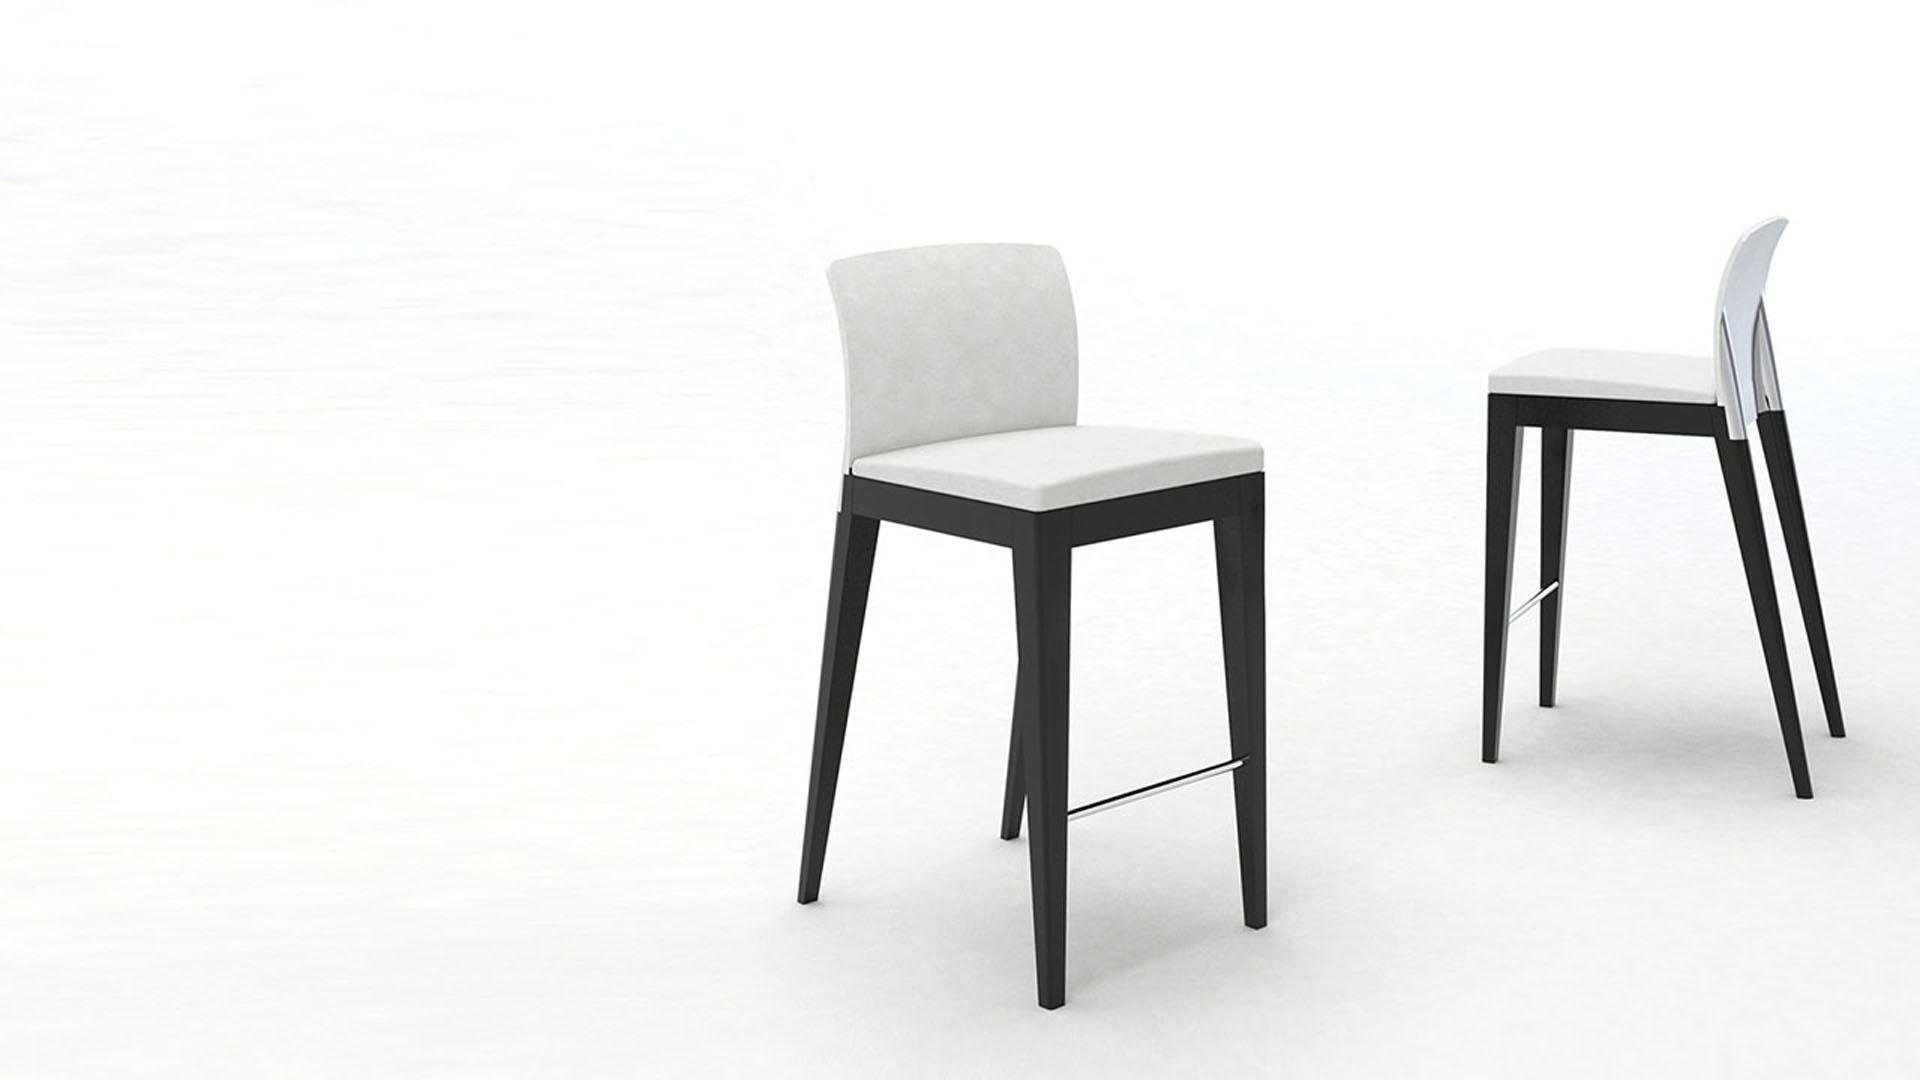 Sgabello bar chair